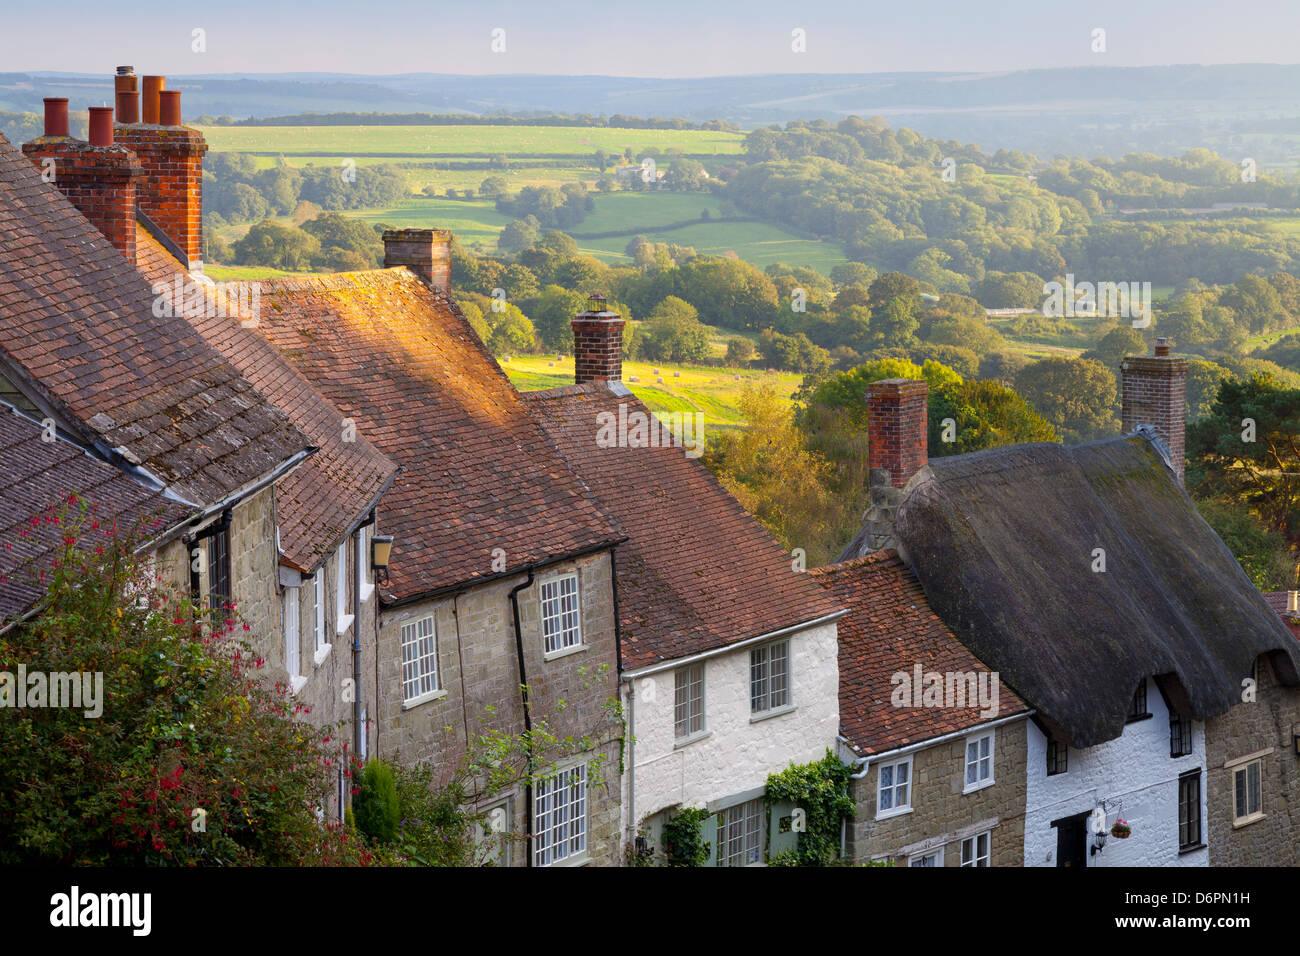 Houses along Gold Hill, Shaftesbury, Dorset, England, United Kingdom, Europe - Stock Image